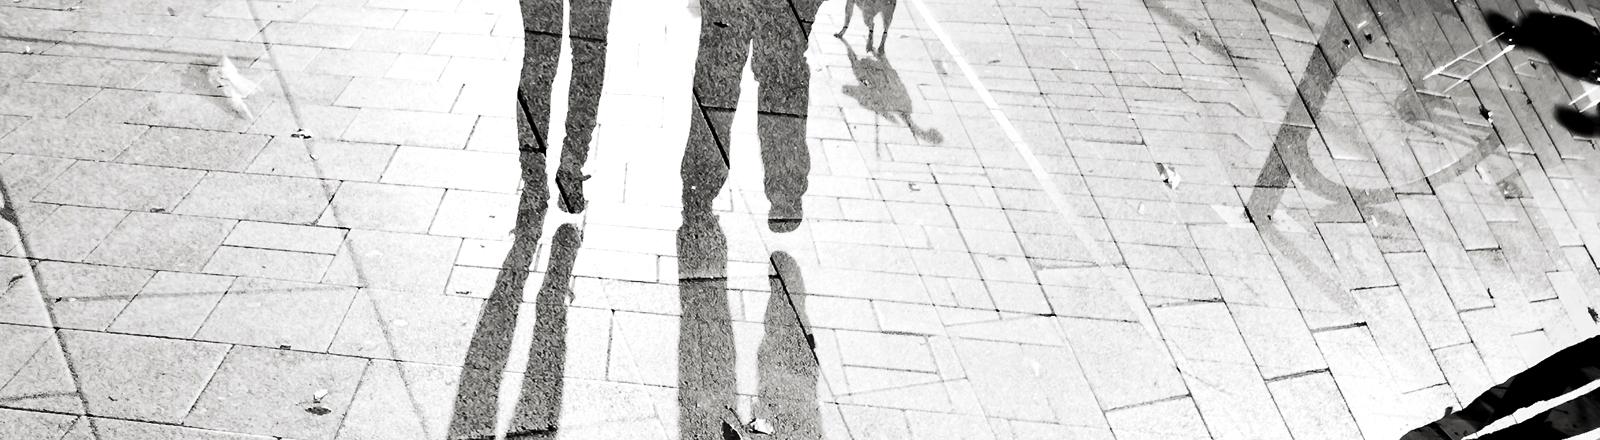 Die Schatten von zwei Menschen auf dem Asphalt, umringt von weiteren abstrakten Schatten.